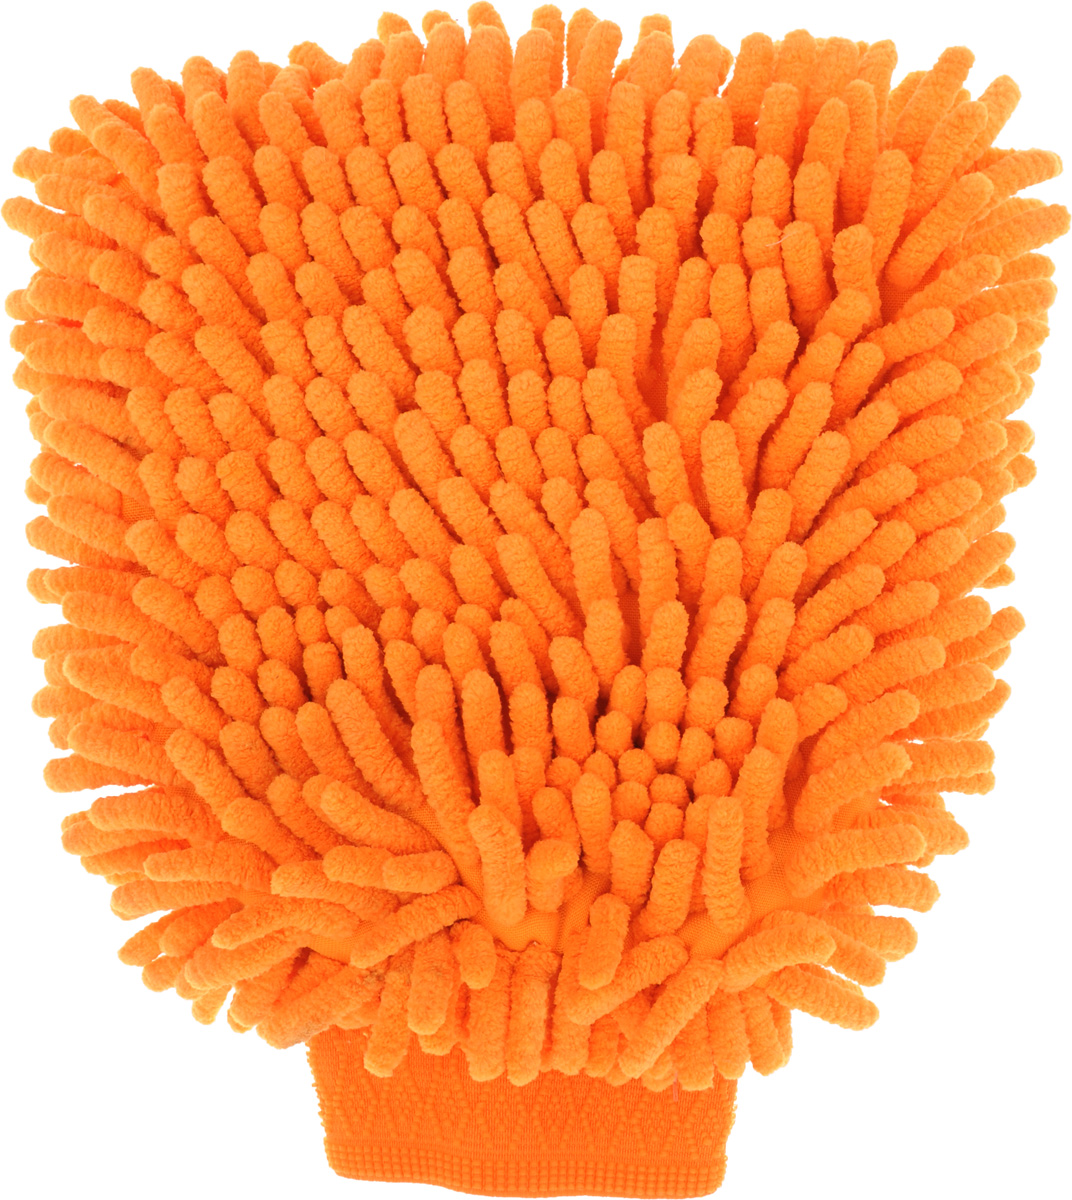 Рукавица для уборки Eva Спагетти, двусторонняя, цвет: оранжевый, 22 х 16 смЕ74_оранжевыйДвусторонняя рукавица Eva Спагетти, изготовленная из микрофибры (полиэстера, полиамида), легко удаляет пыль, деликатно моет поверхности, мягко удаляет сильные загрязнения, применяется как в сухом, так и во влажном виде. Рукавица удобно держится на руке и великолепно впитывает воду. Идеально подходит для уборки, как в доме, так и в автомобиле.